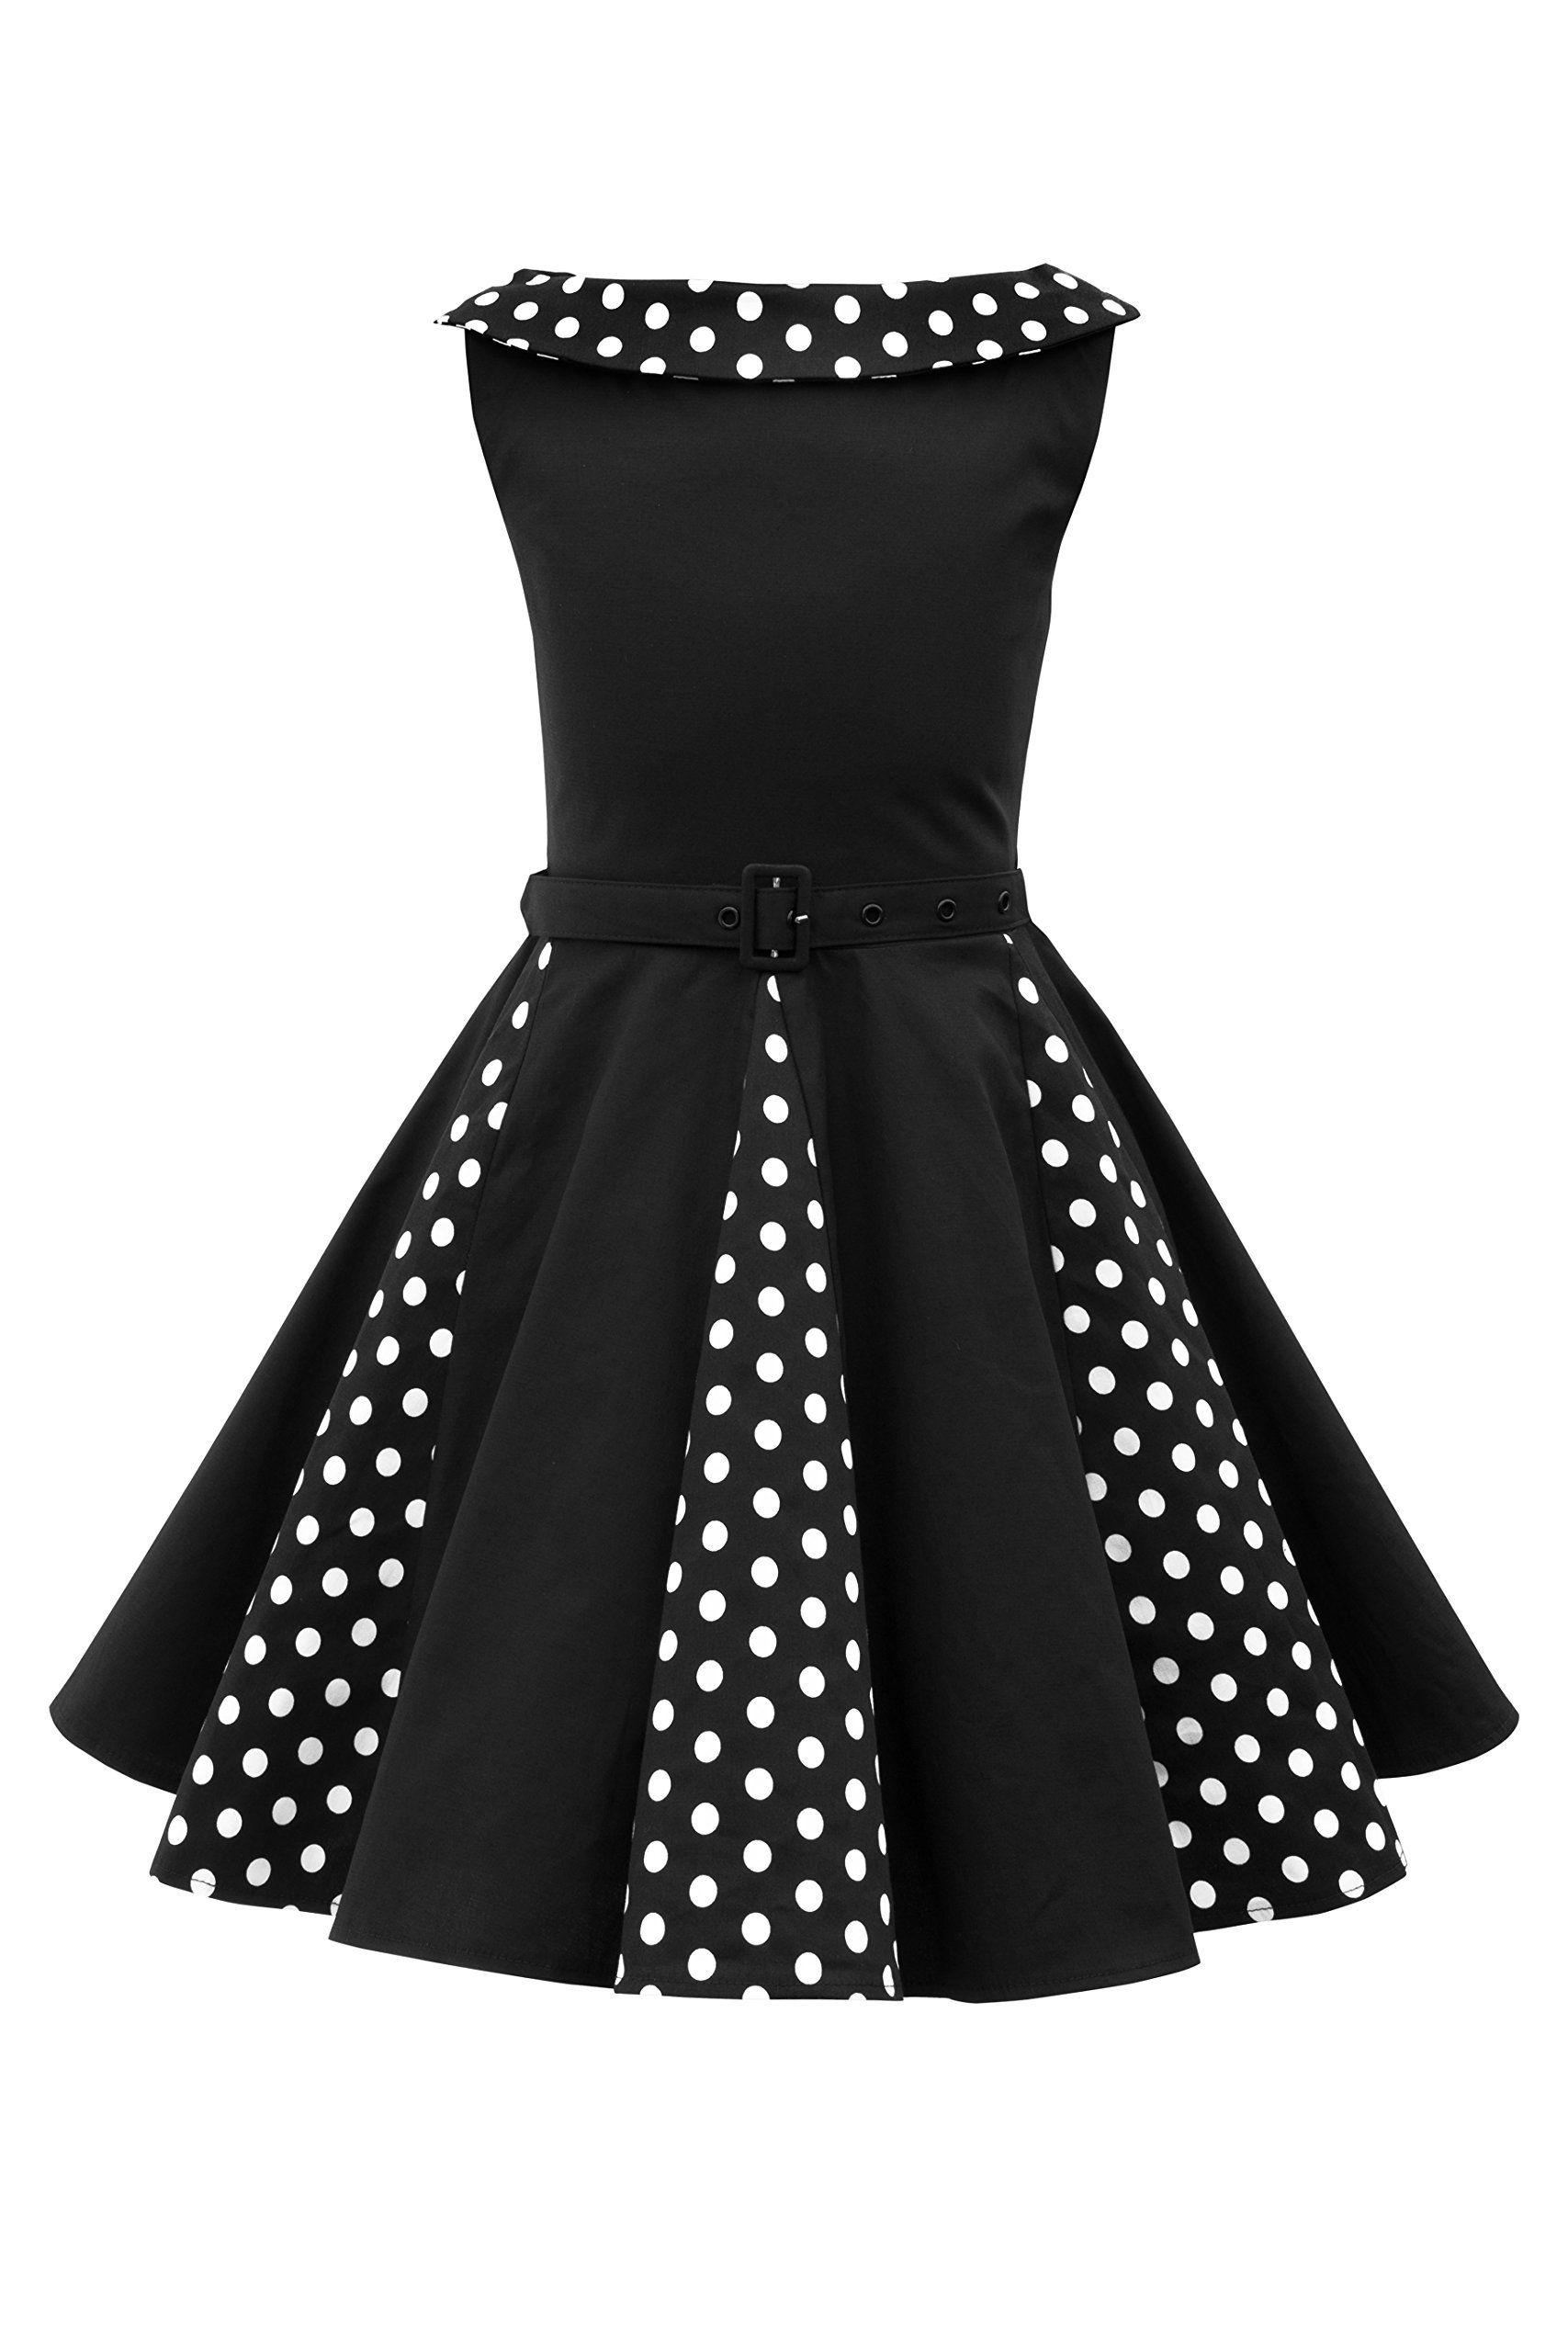 9a8cbd7b9 BlackButterfly Kids  Alexia  Vintage Polka Dot 50 s Girls Dress ...